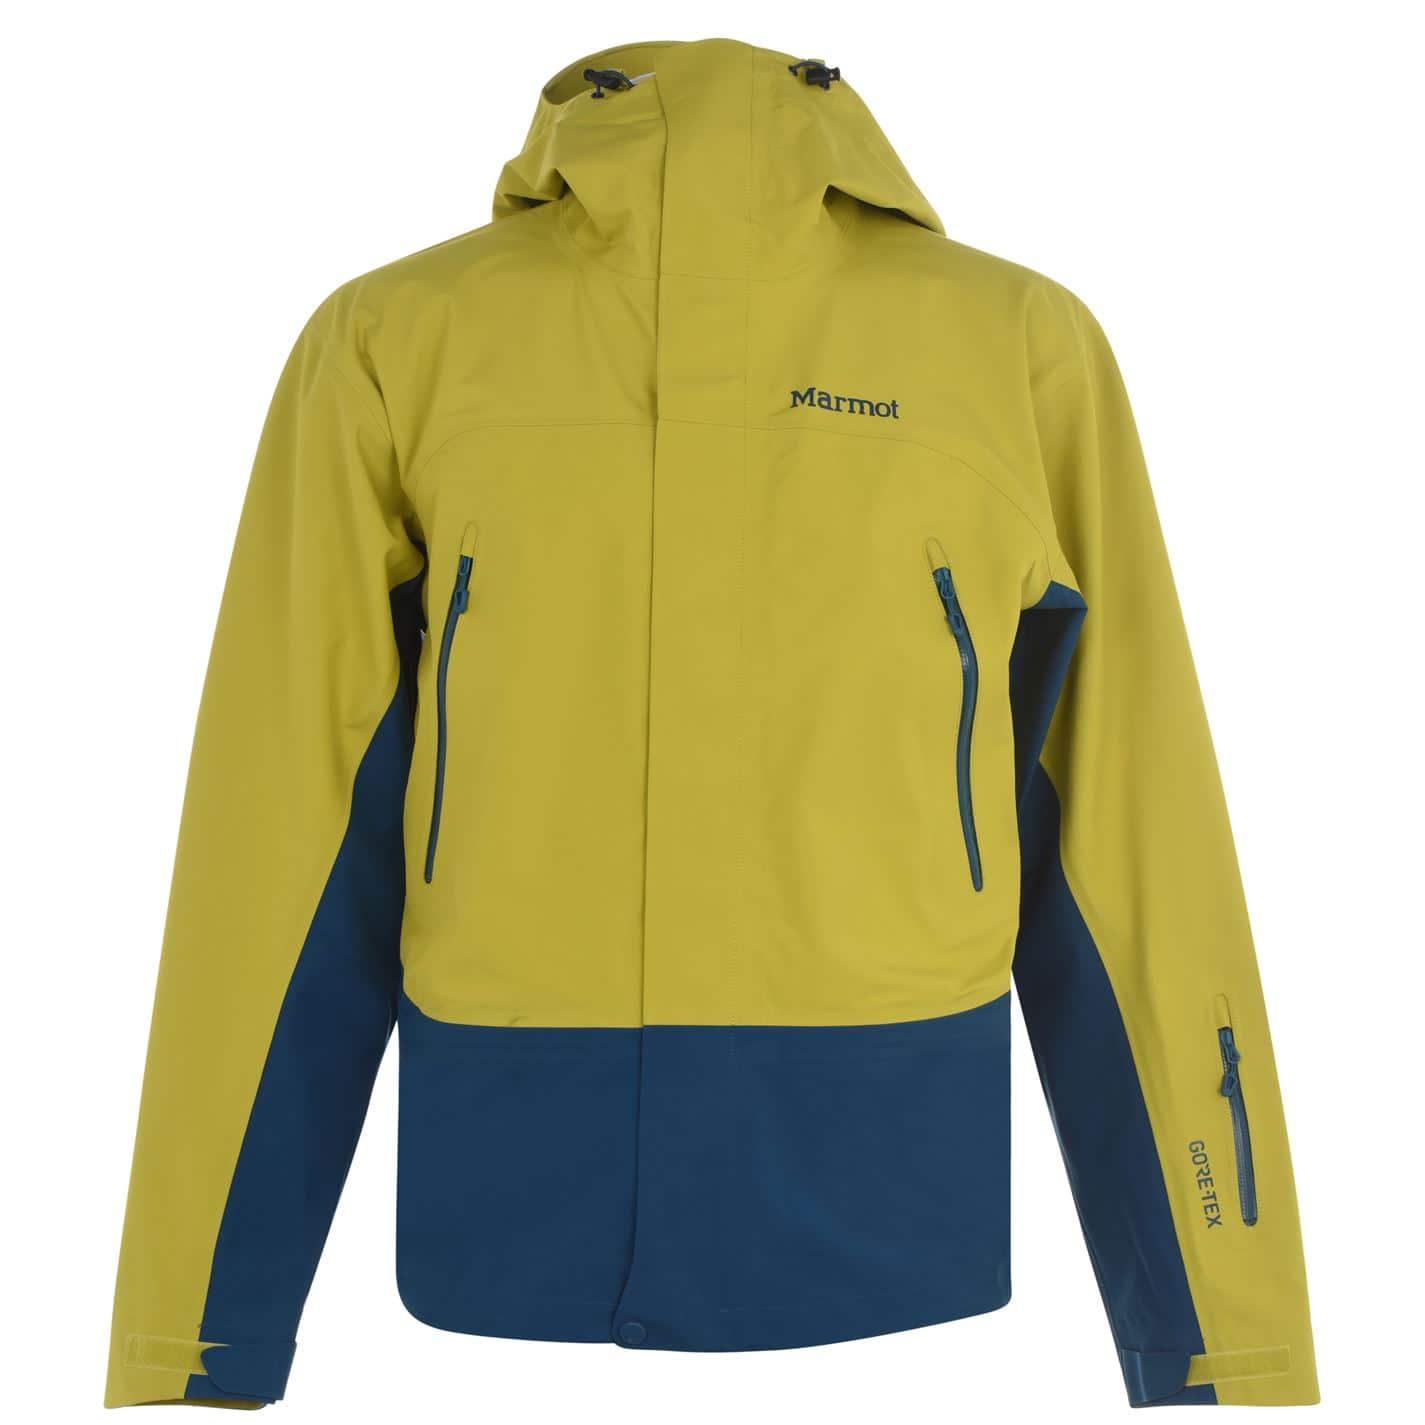 Jacheta Marmot Spire pentru Barbati galben